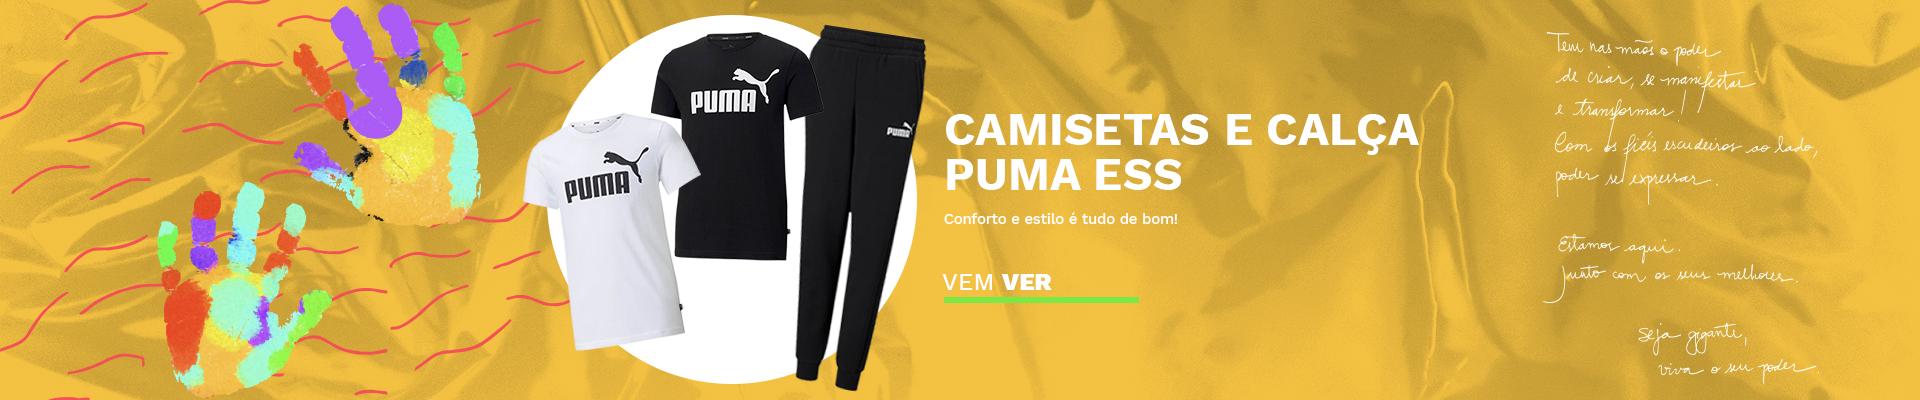 p2-puma-ess